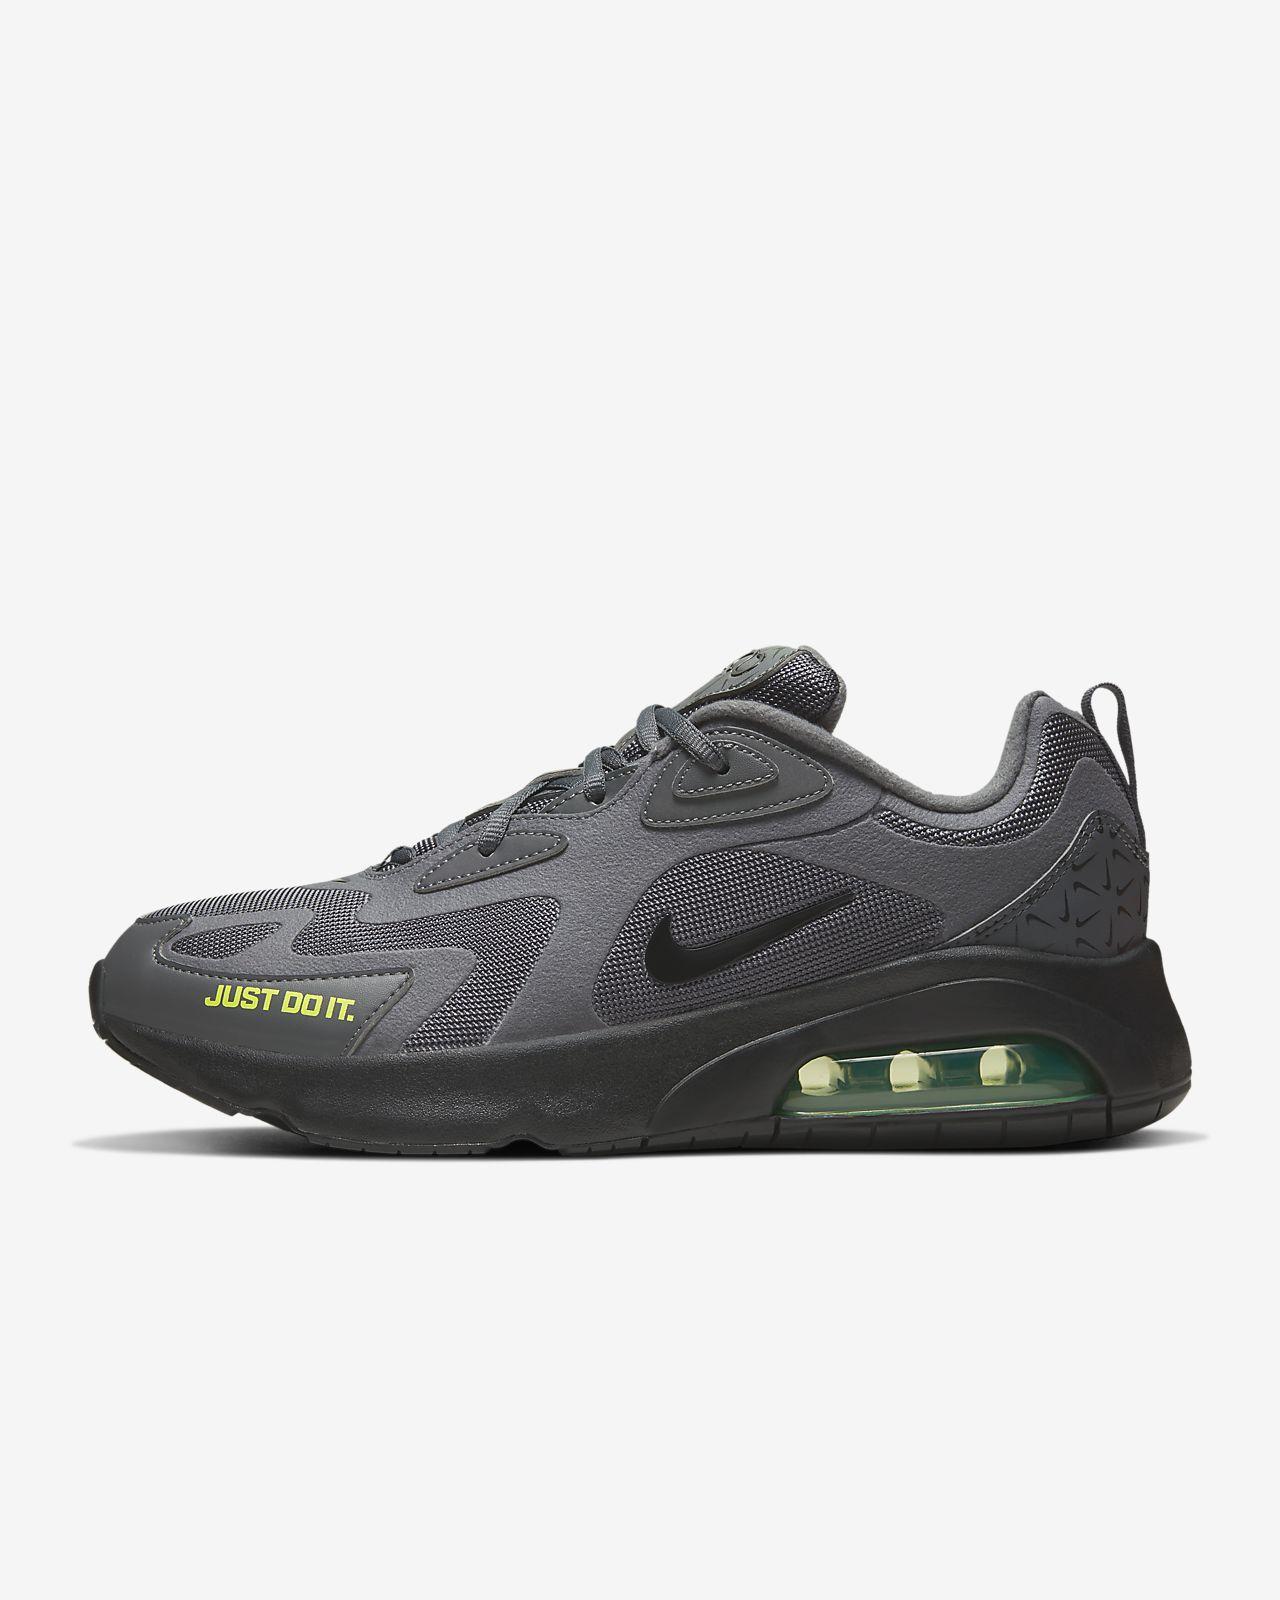 Billige Nike Shox Sko, Køb Nike Air Max Tilbud Mænd, Billige